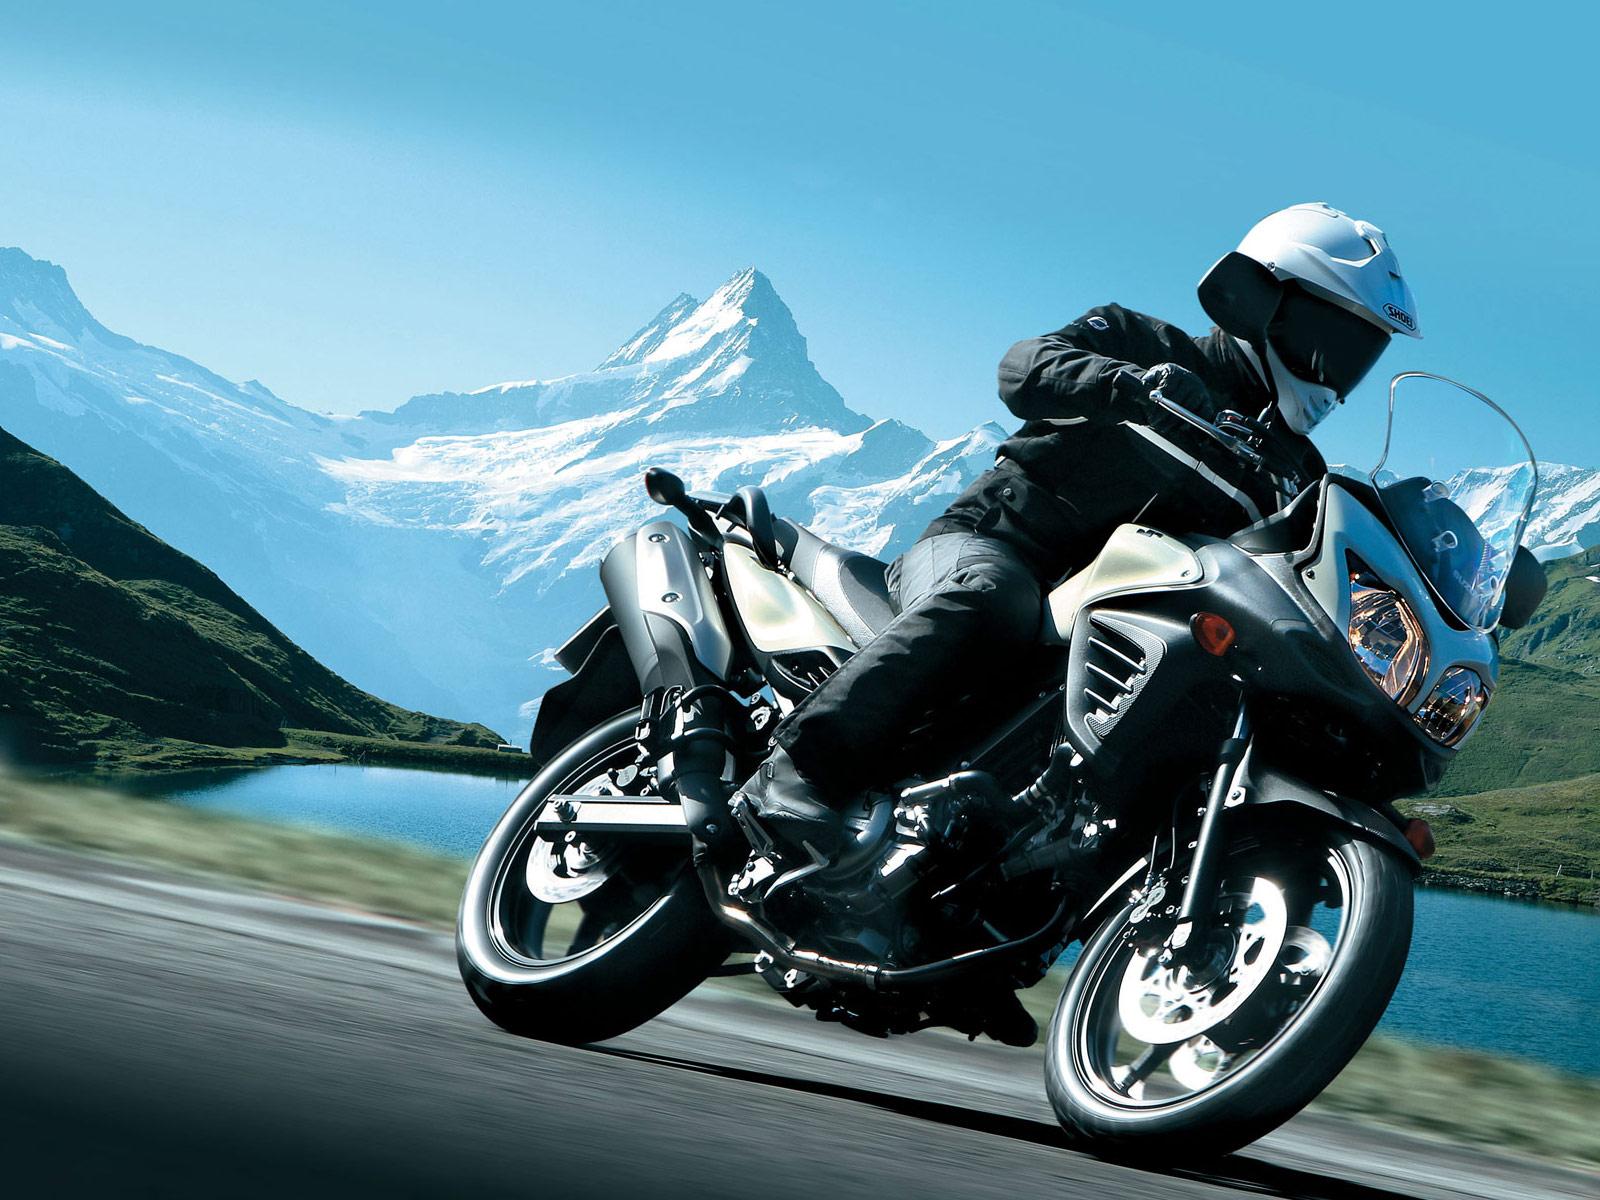 2012 Suzuki V Strom 650 Abs Motorcycle Wallpaper